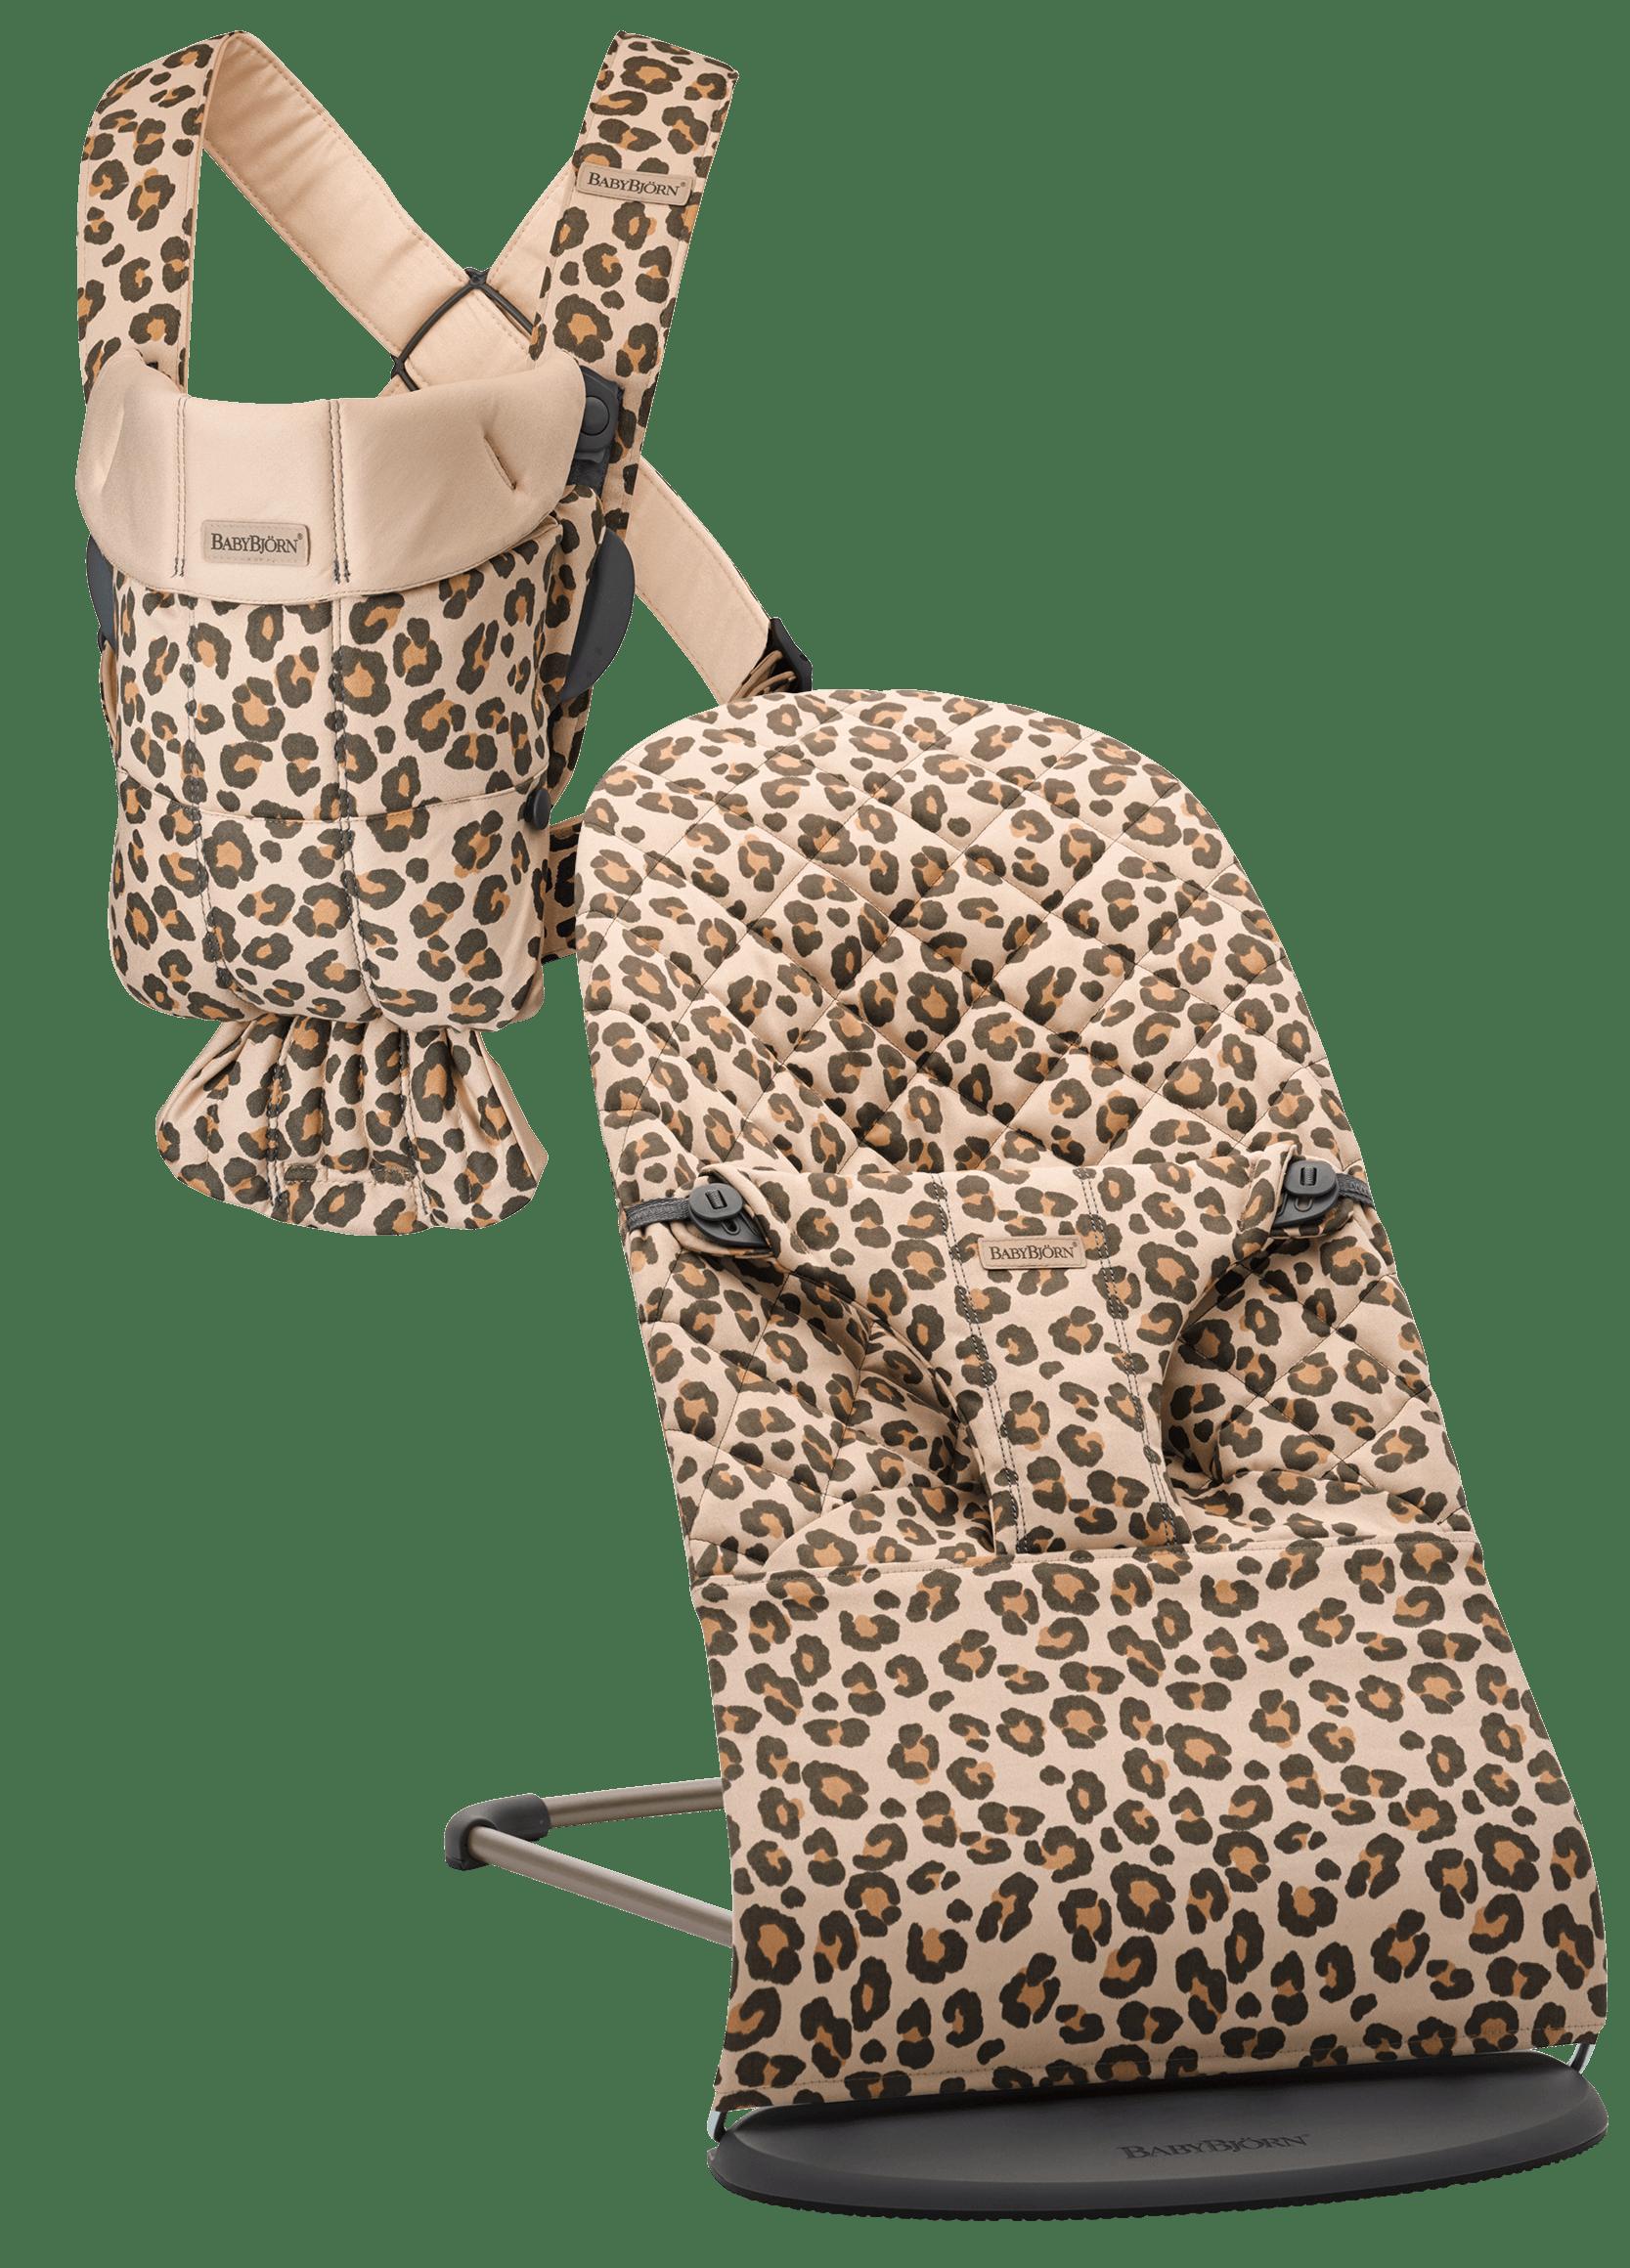 BABYBJÖRN Startpaket Klein für Neugeborene - Beige/Leopard, Baumwolle